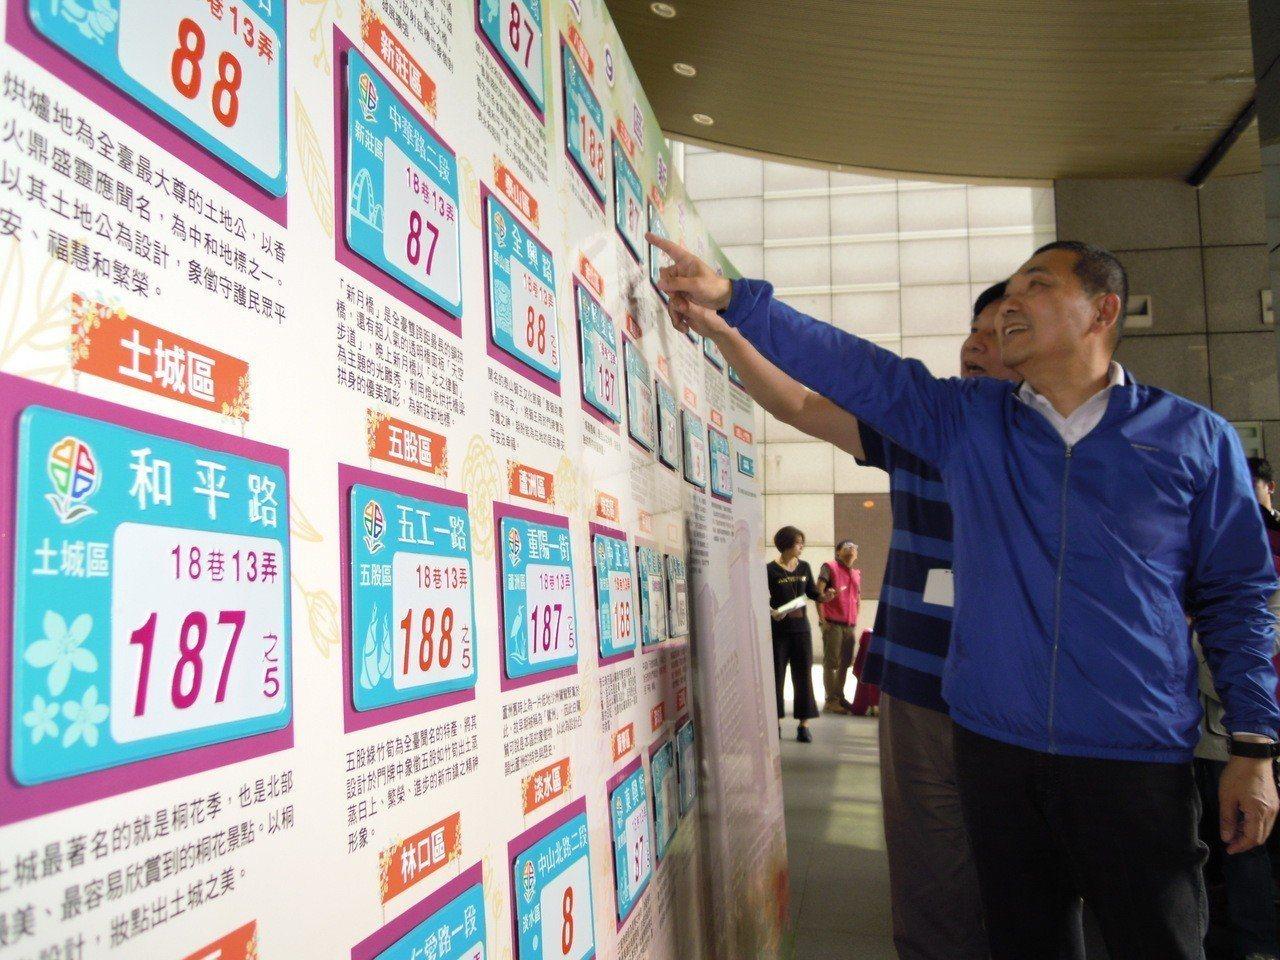 新北新門牌引發民眾不滿,還有人因覺得辨識度太低想要自行「加工」。圖/報系資料照